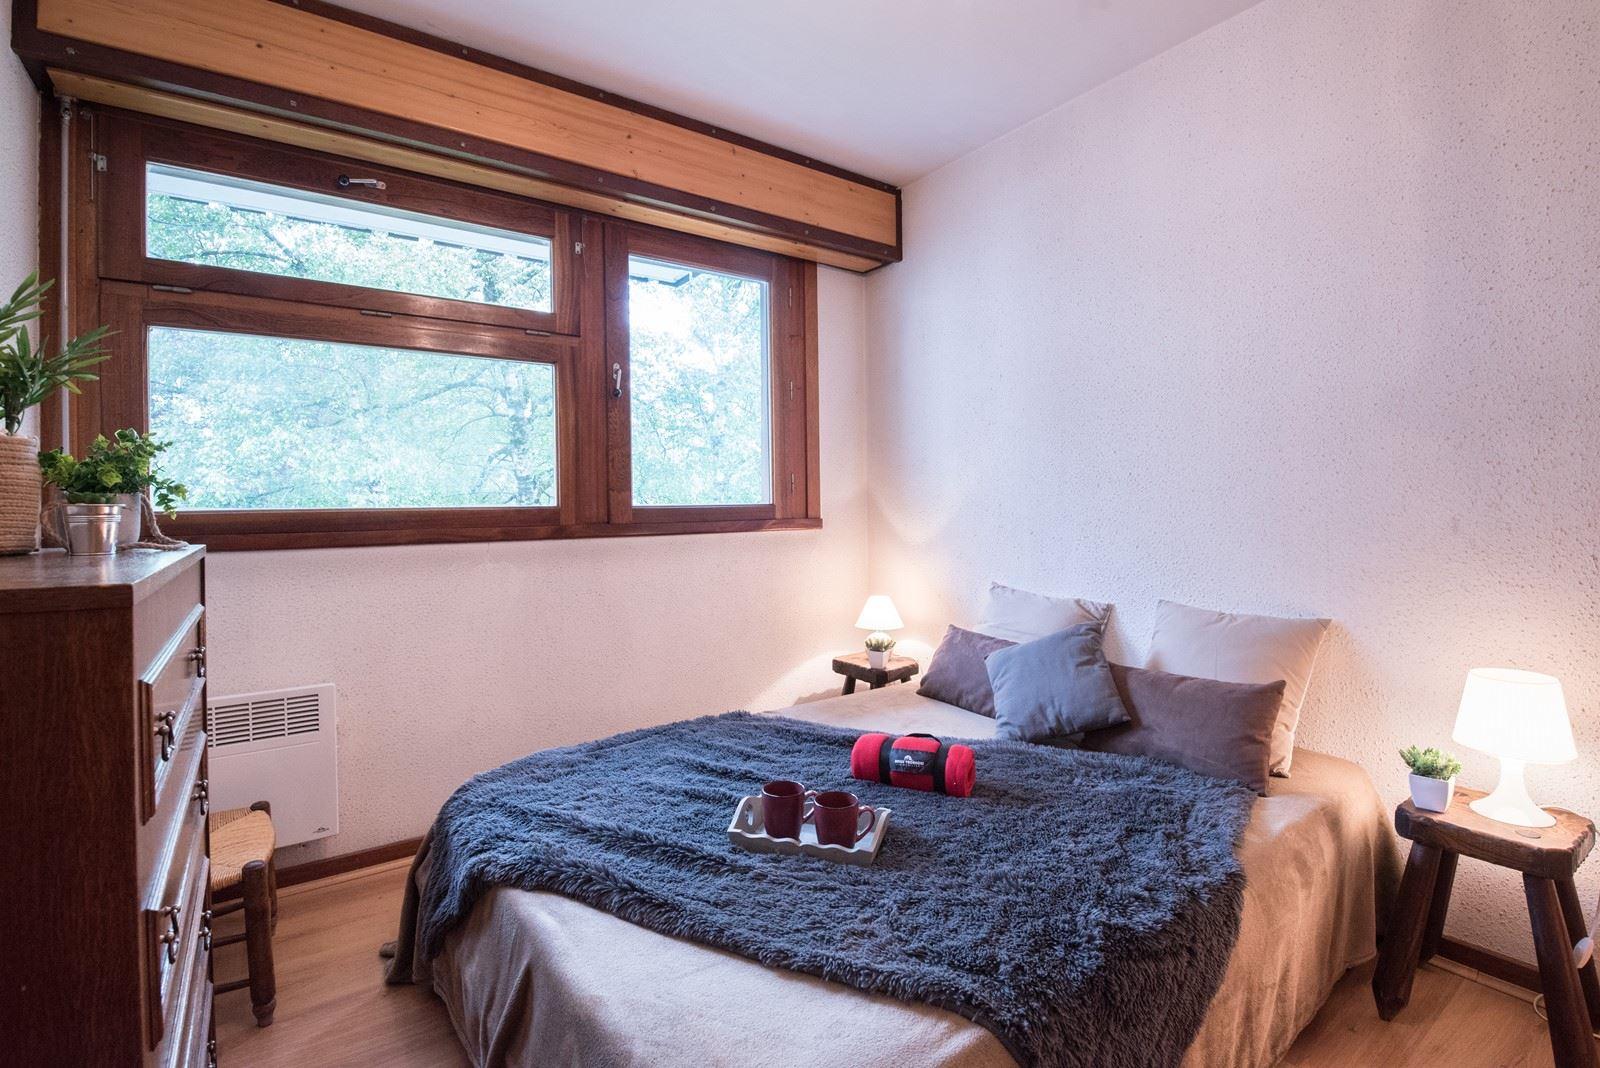 NESTE C NESTC3 - Type 2/4PConfort+  rooms  people